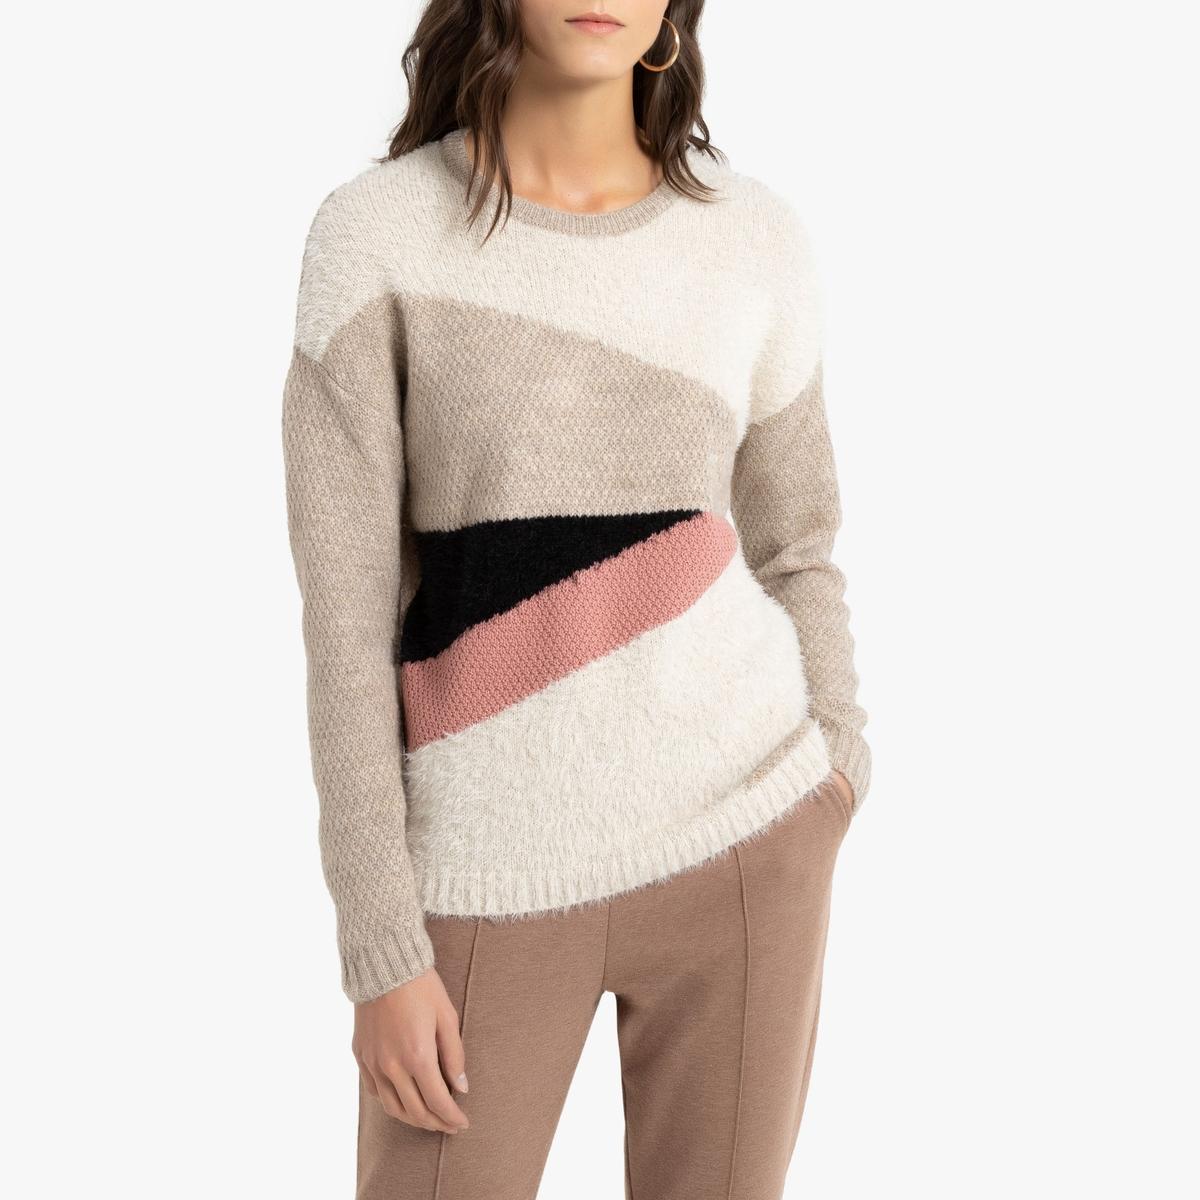 Пуловер La Redoute С круглым вырезом из плотного трикотажа 50/52 (FR) - 56/58 (RUS) бежевый пуловер la redoute с круглым вырезом из шерсти мериноса pascal 3xl черный